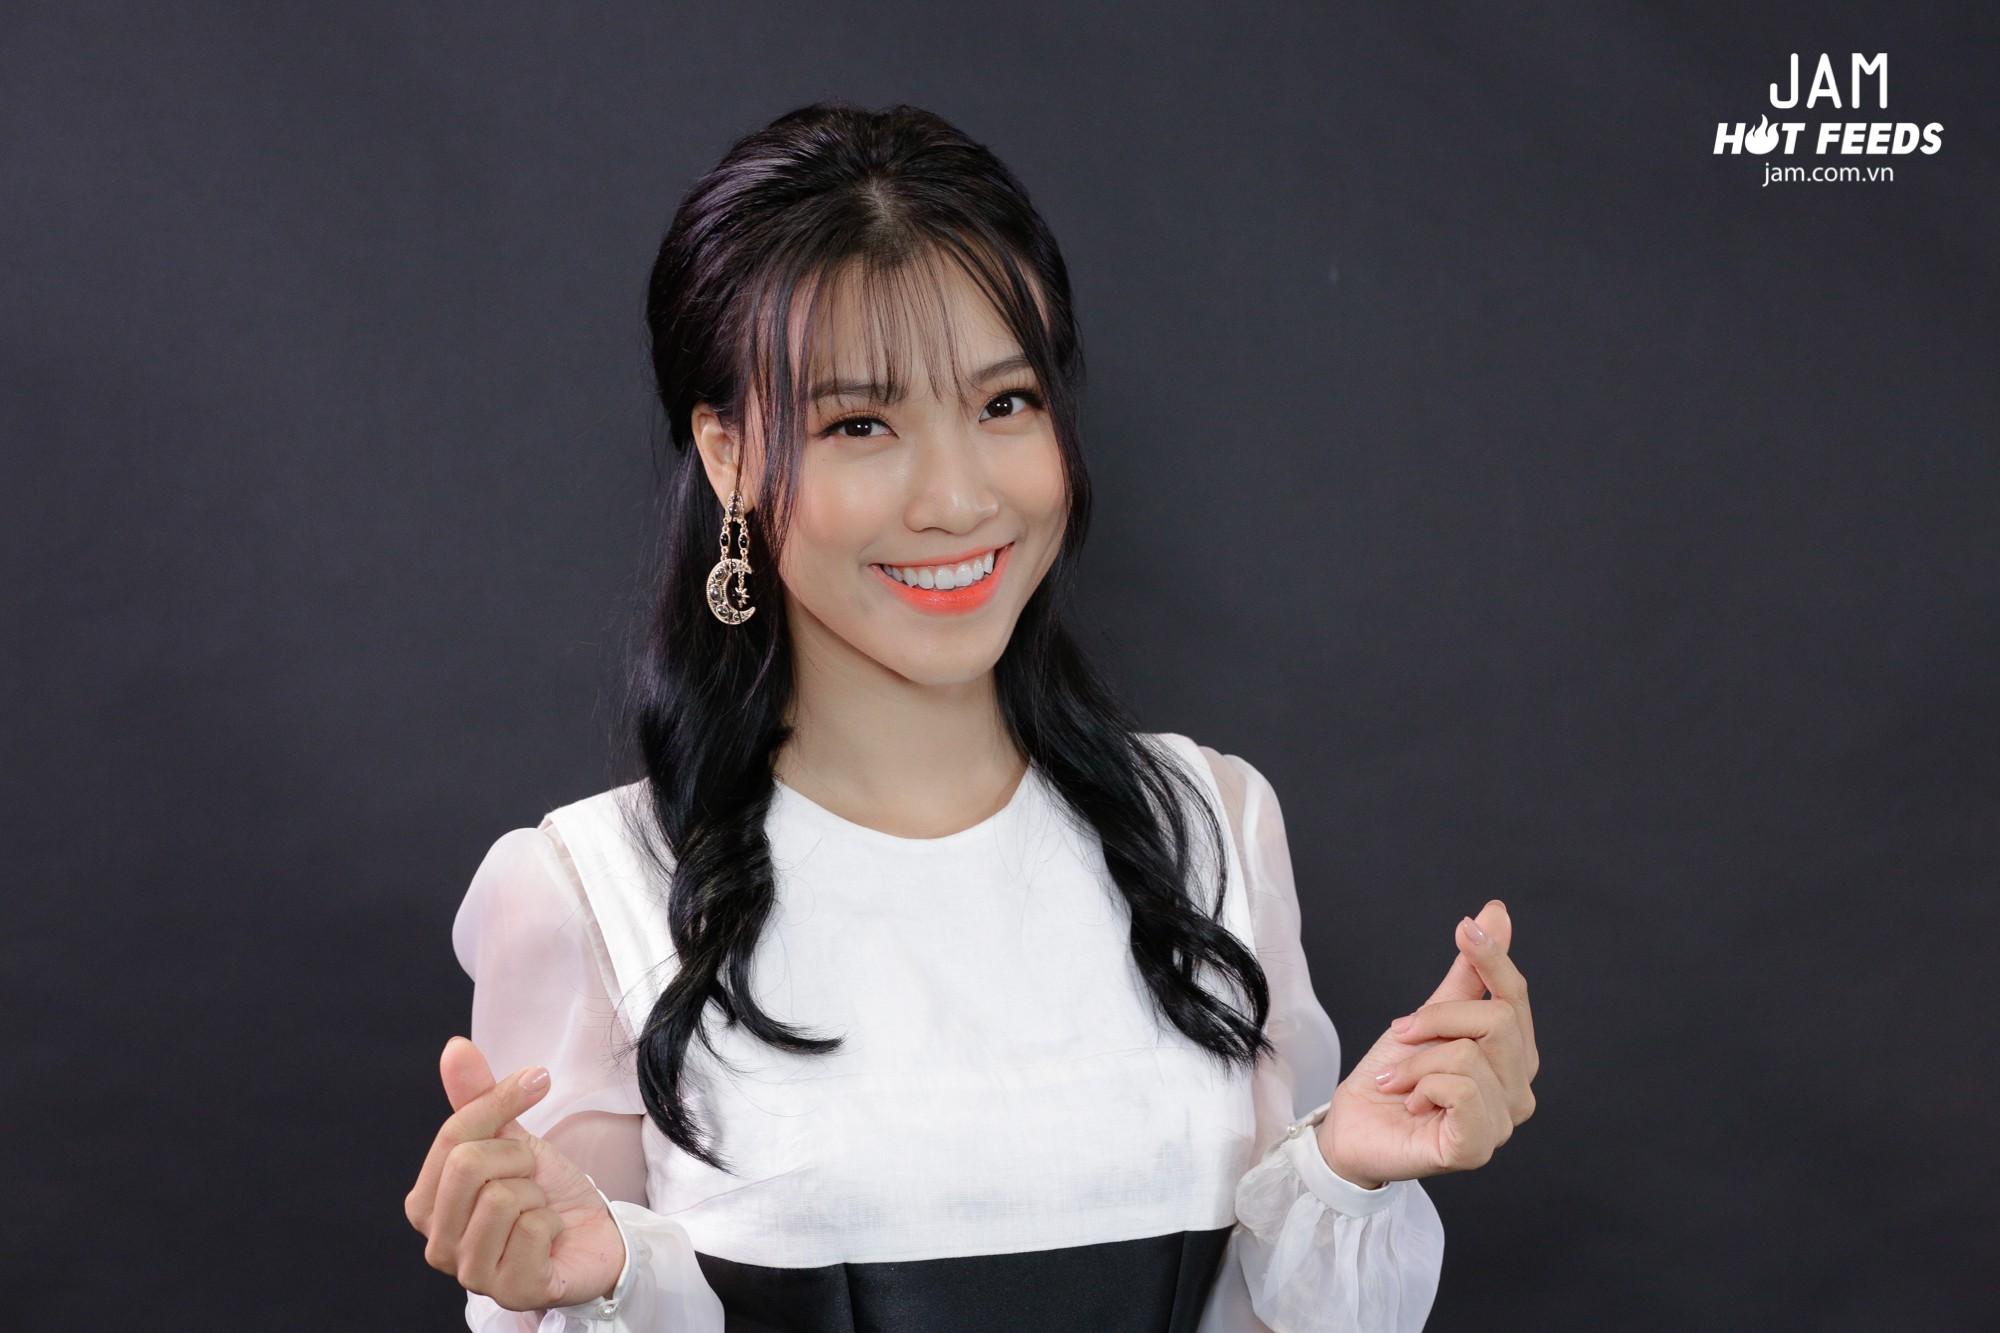 Khi 4 sao nữ Việt này để tóc bob: ai cũng sang và quyến rũ thêm bội phần - Ảnh 11.